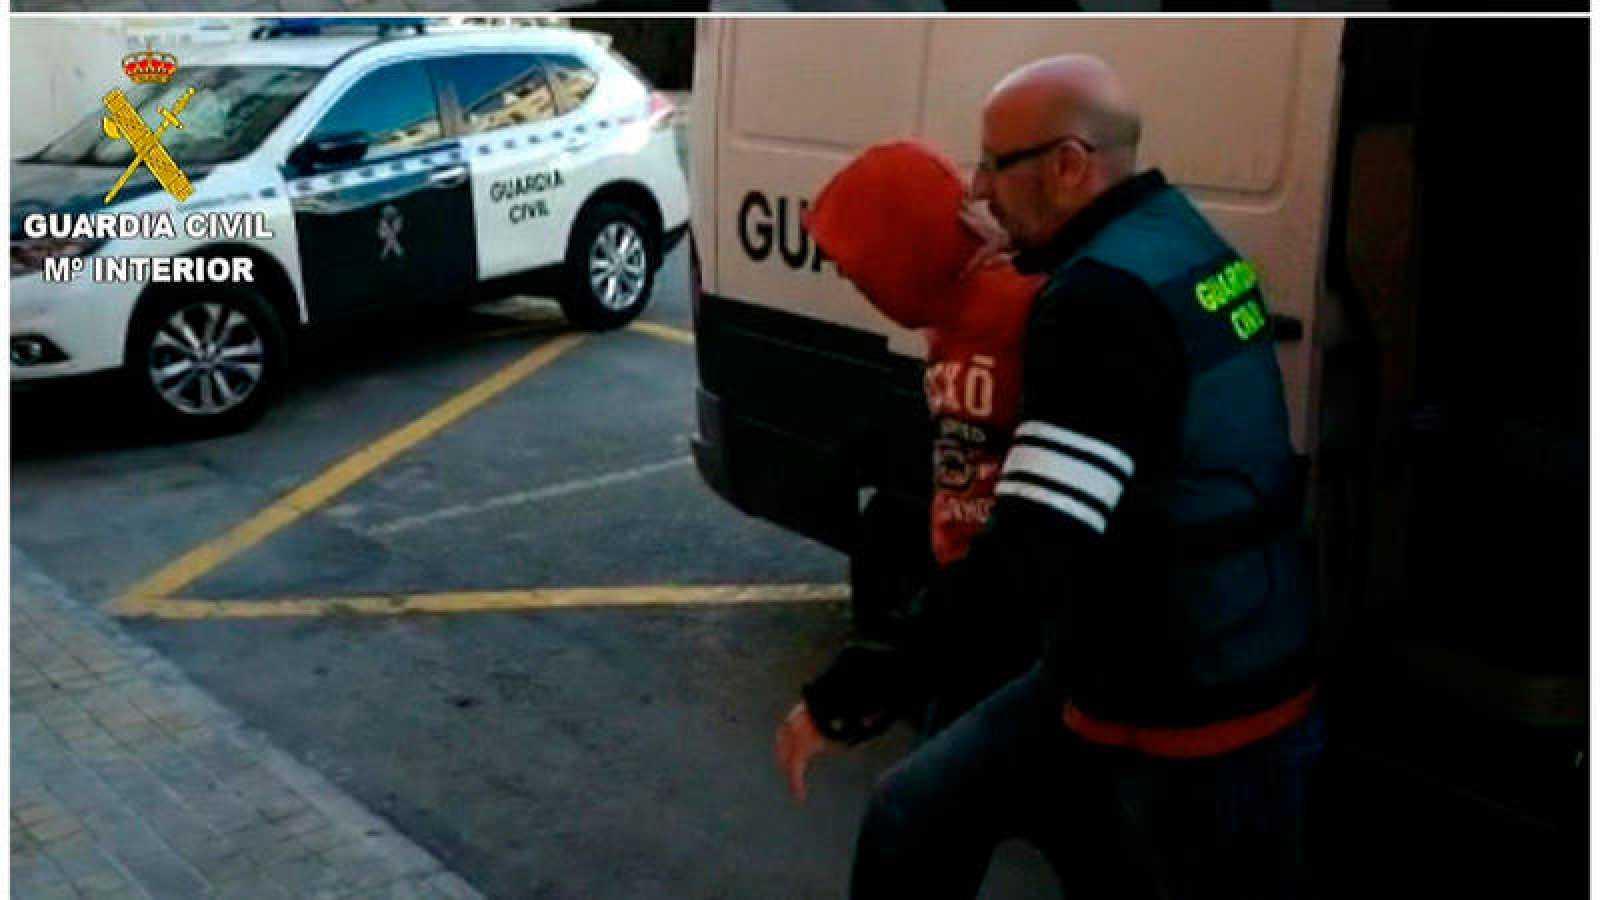 Imágenes facilitadas por la Guardia Civil de tres los cuatro jóvenes de 19, 21, 22 y 24 años detenidos como presuntos autores de una agresión sexual a una joven de 19 años,